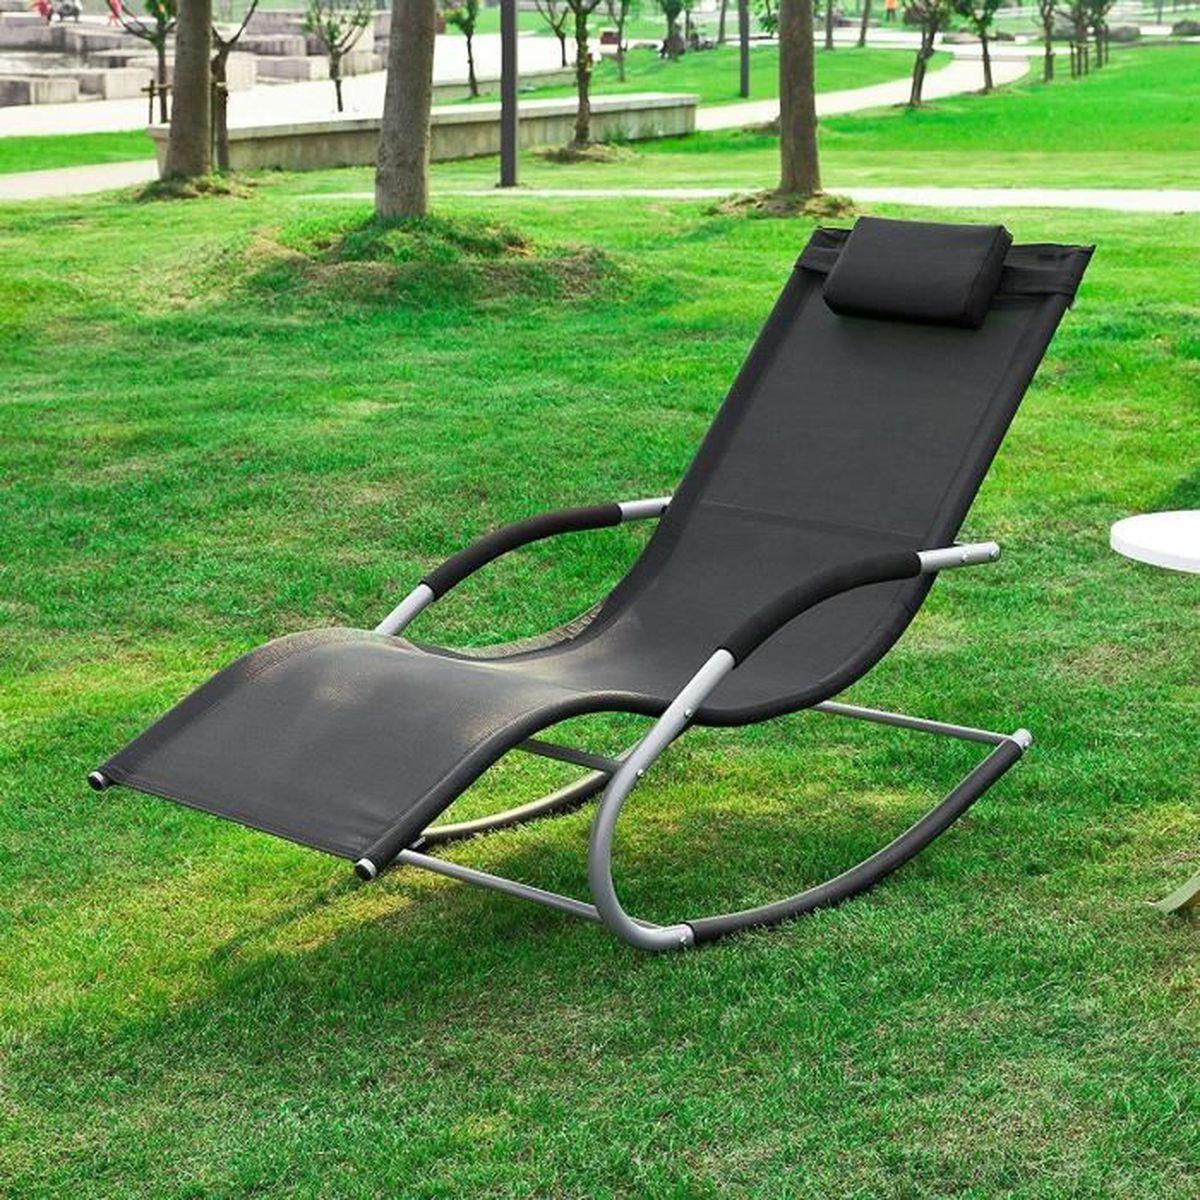 Transat Fauteuil a bascule bain de soleil jardin - Achat ...